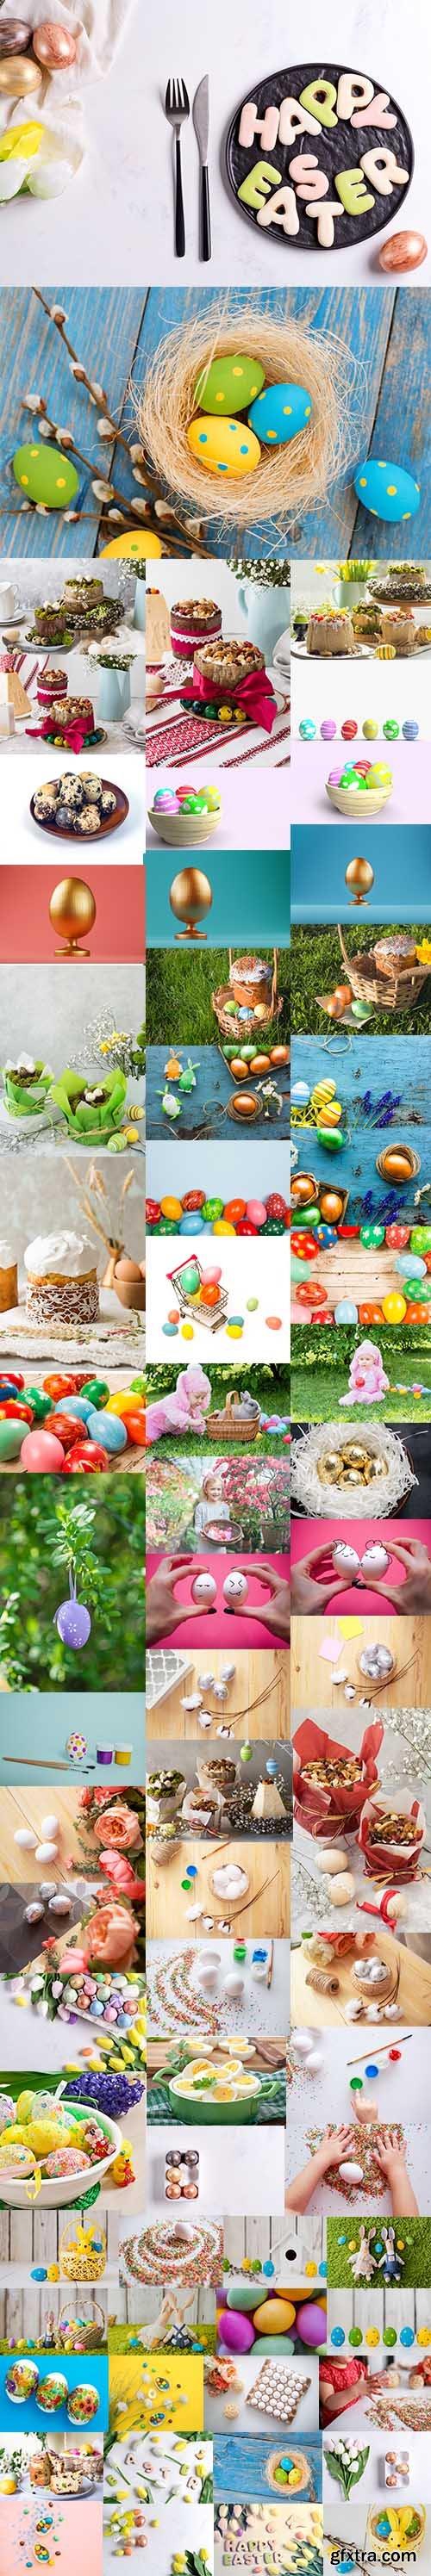 Happy Easter Holiday Photo Bundle - Premium UHQ JPEG Stock Photo